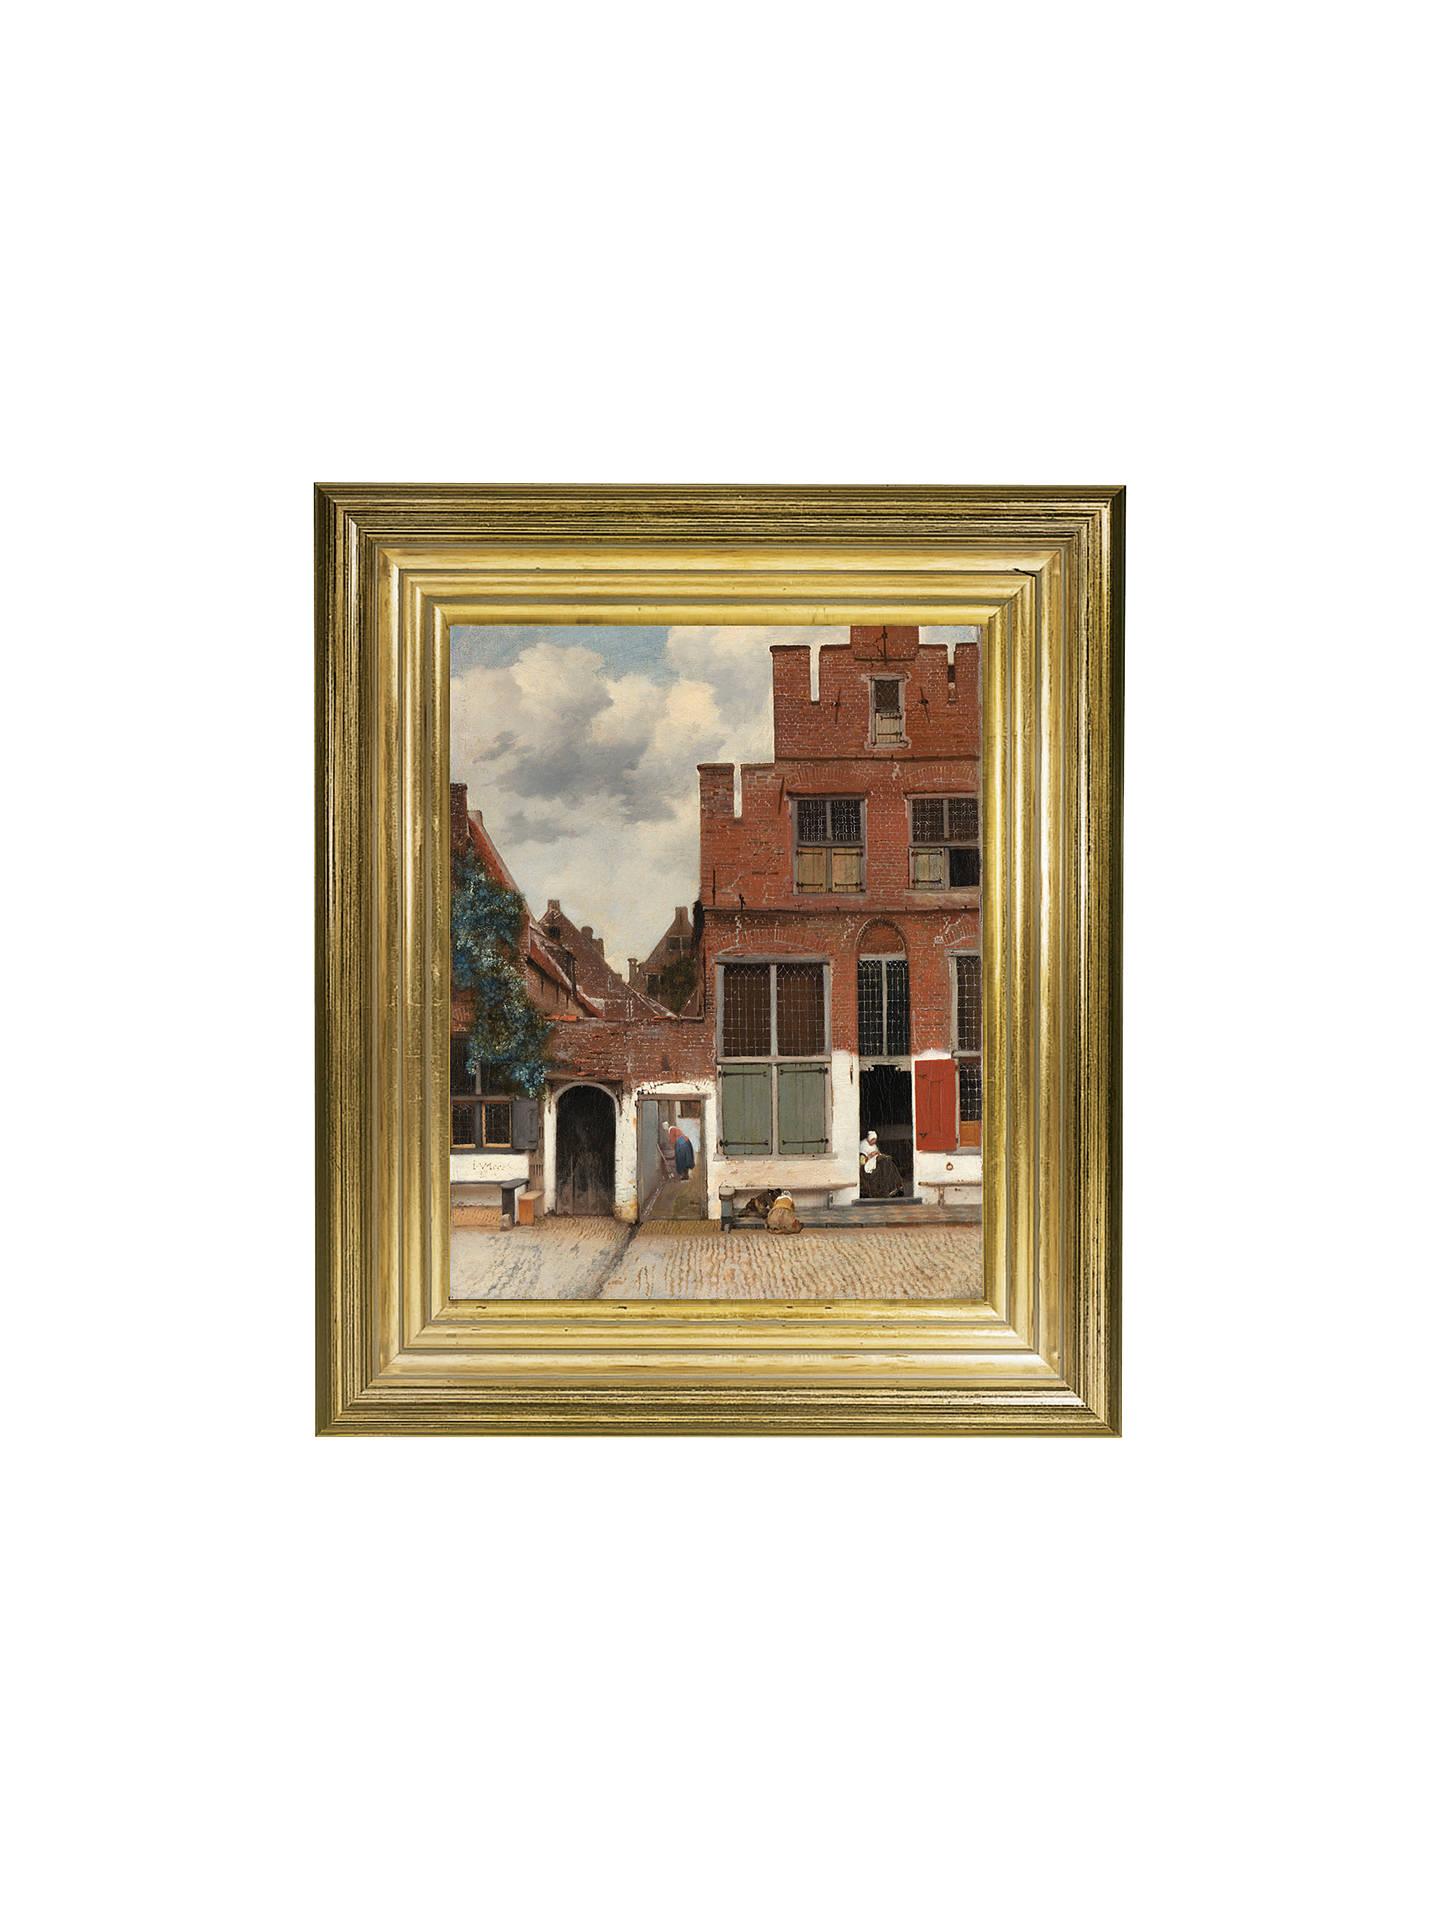 Rijksmuseum, Johannes Vermeer - The Little Street Framed Print, 34 x